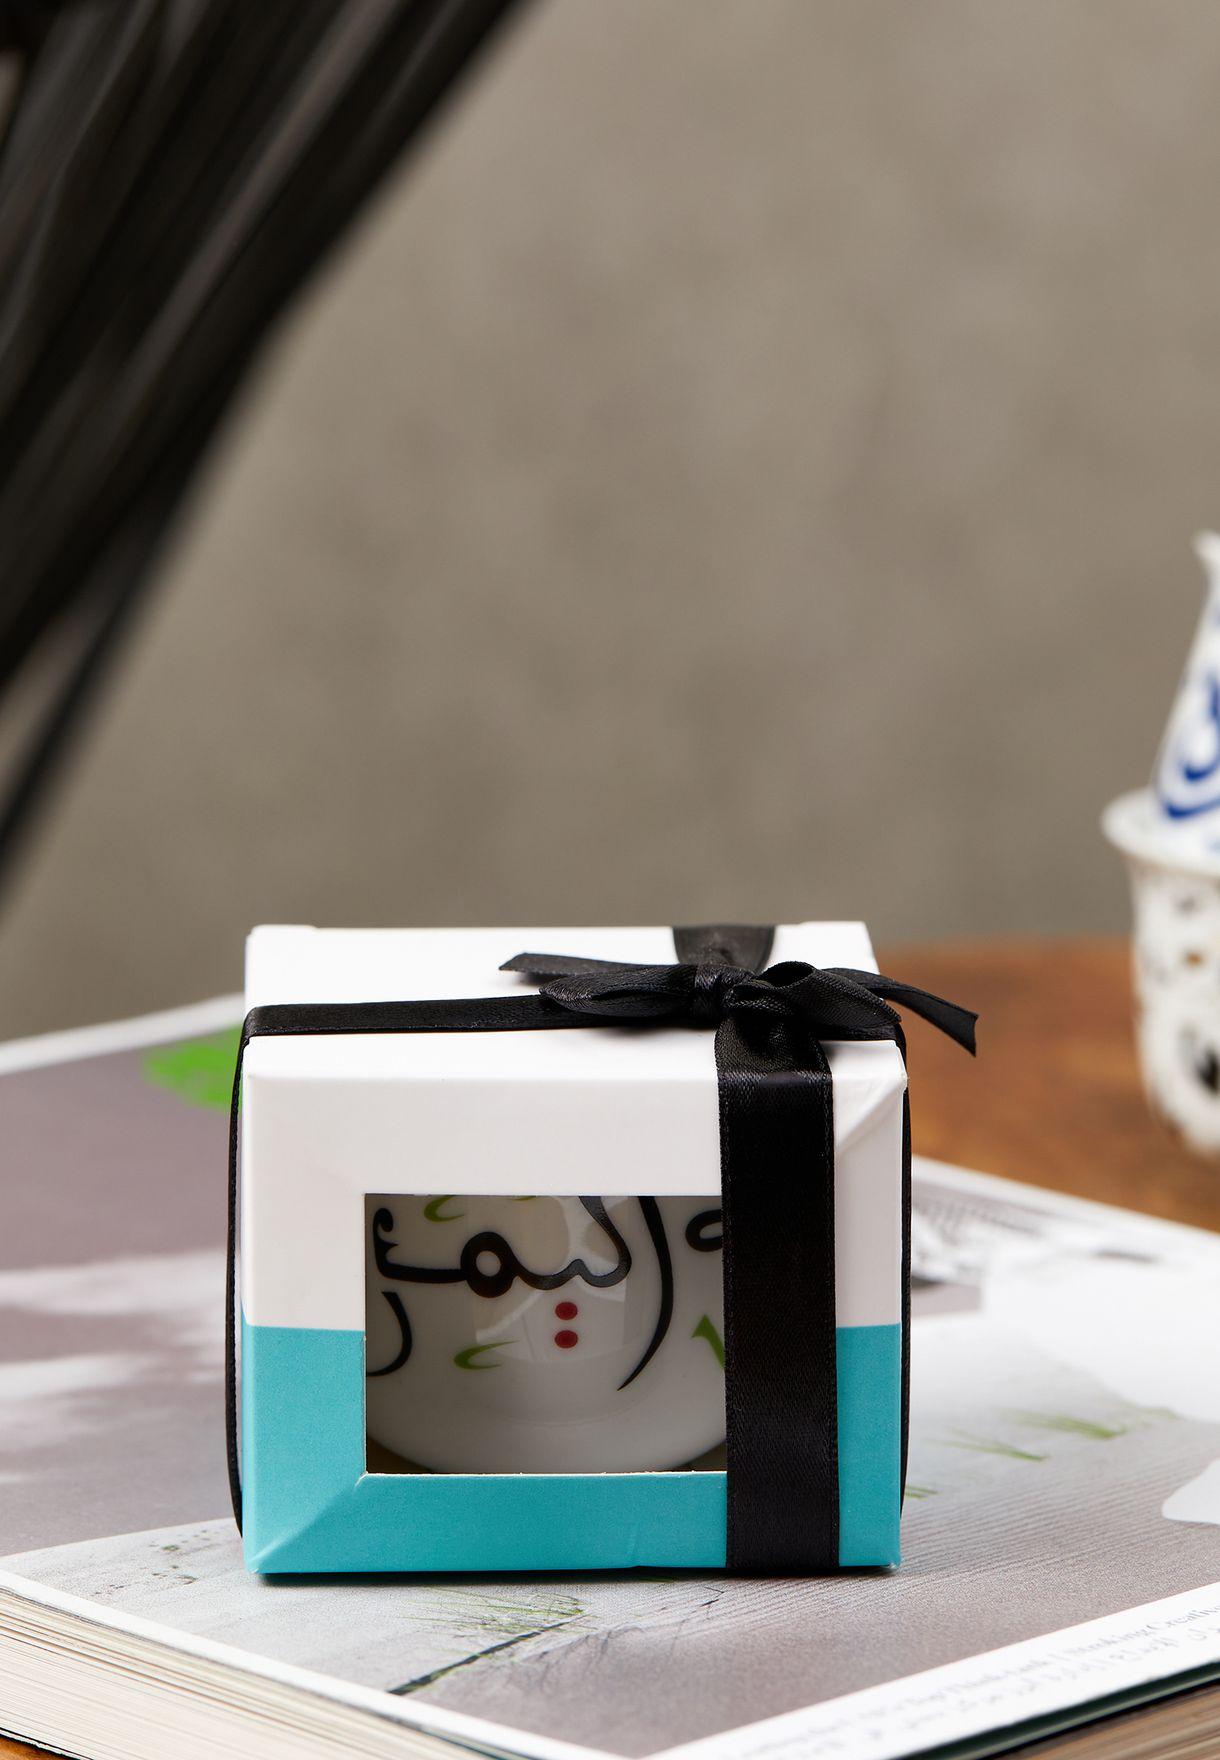 مج بكتابة عربية